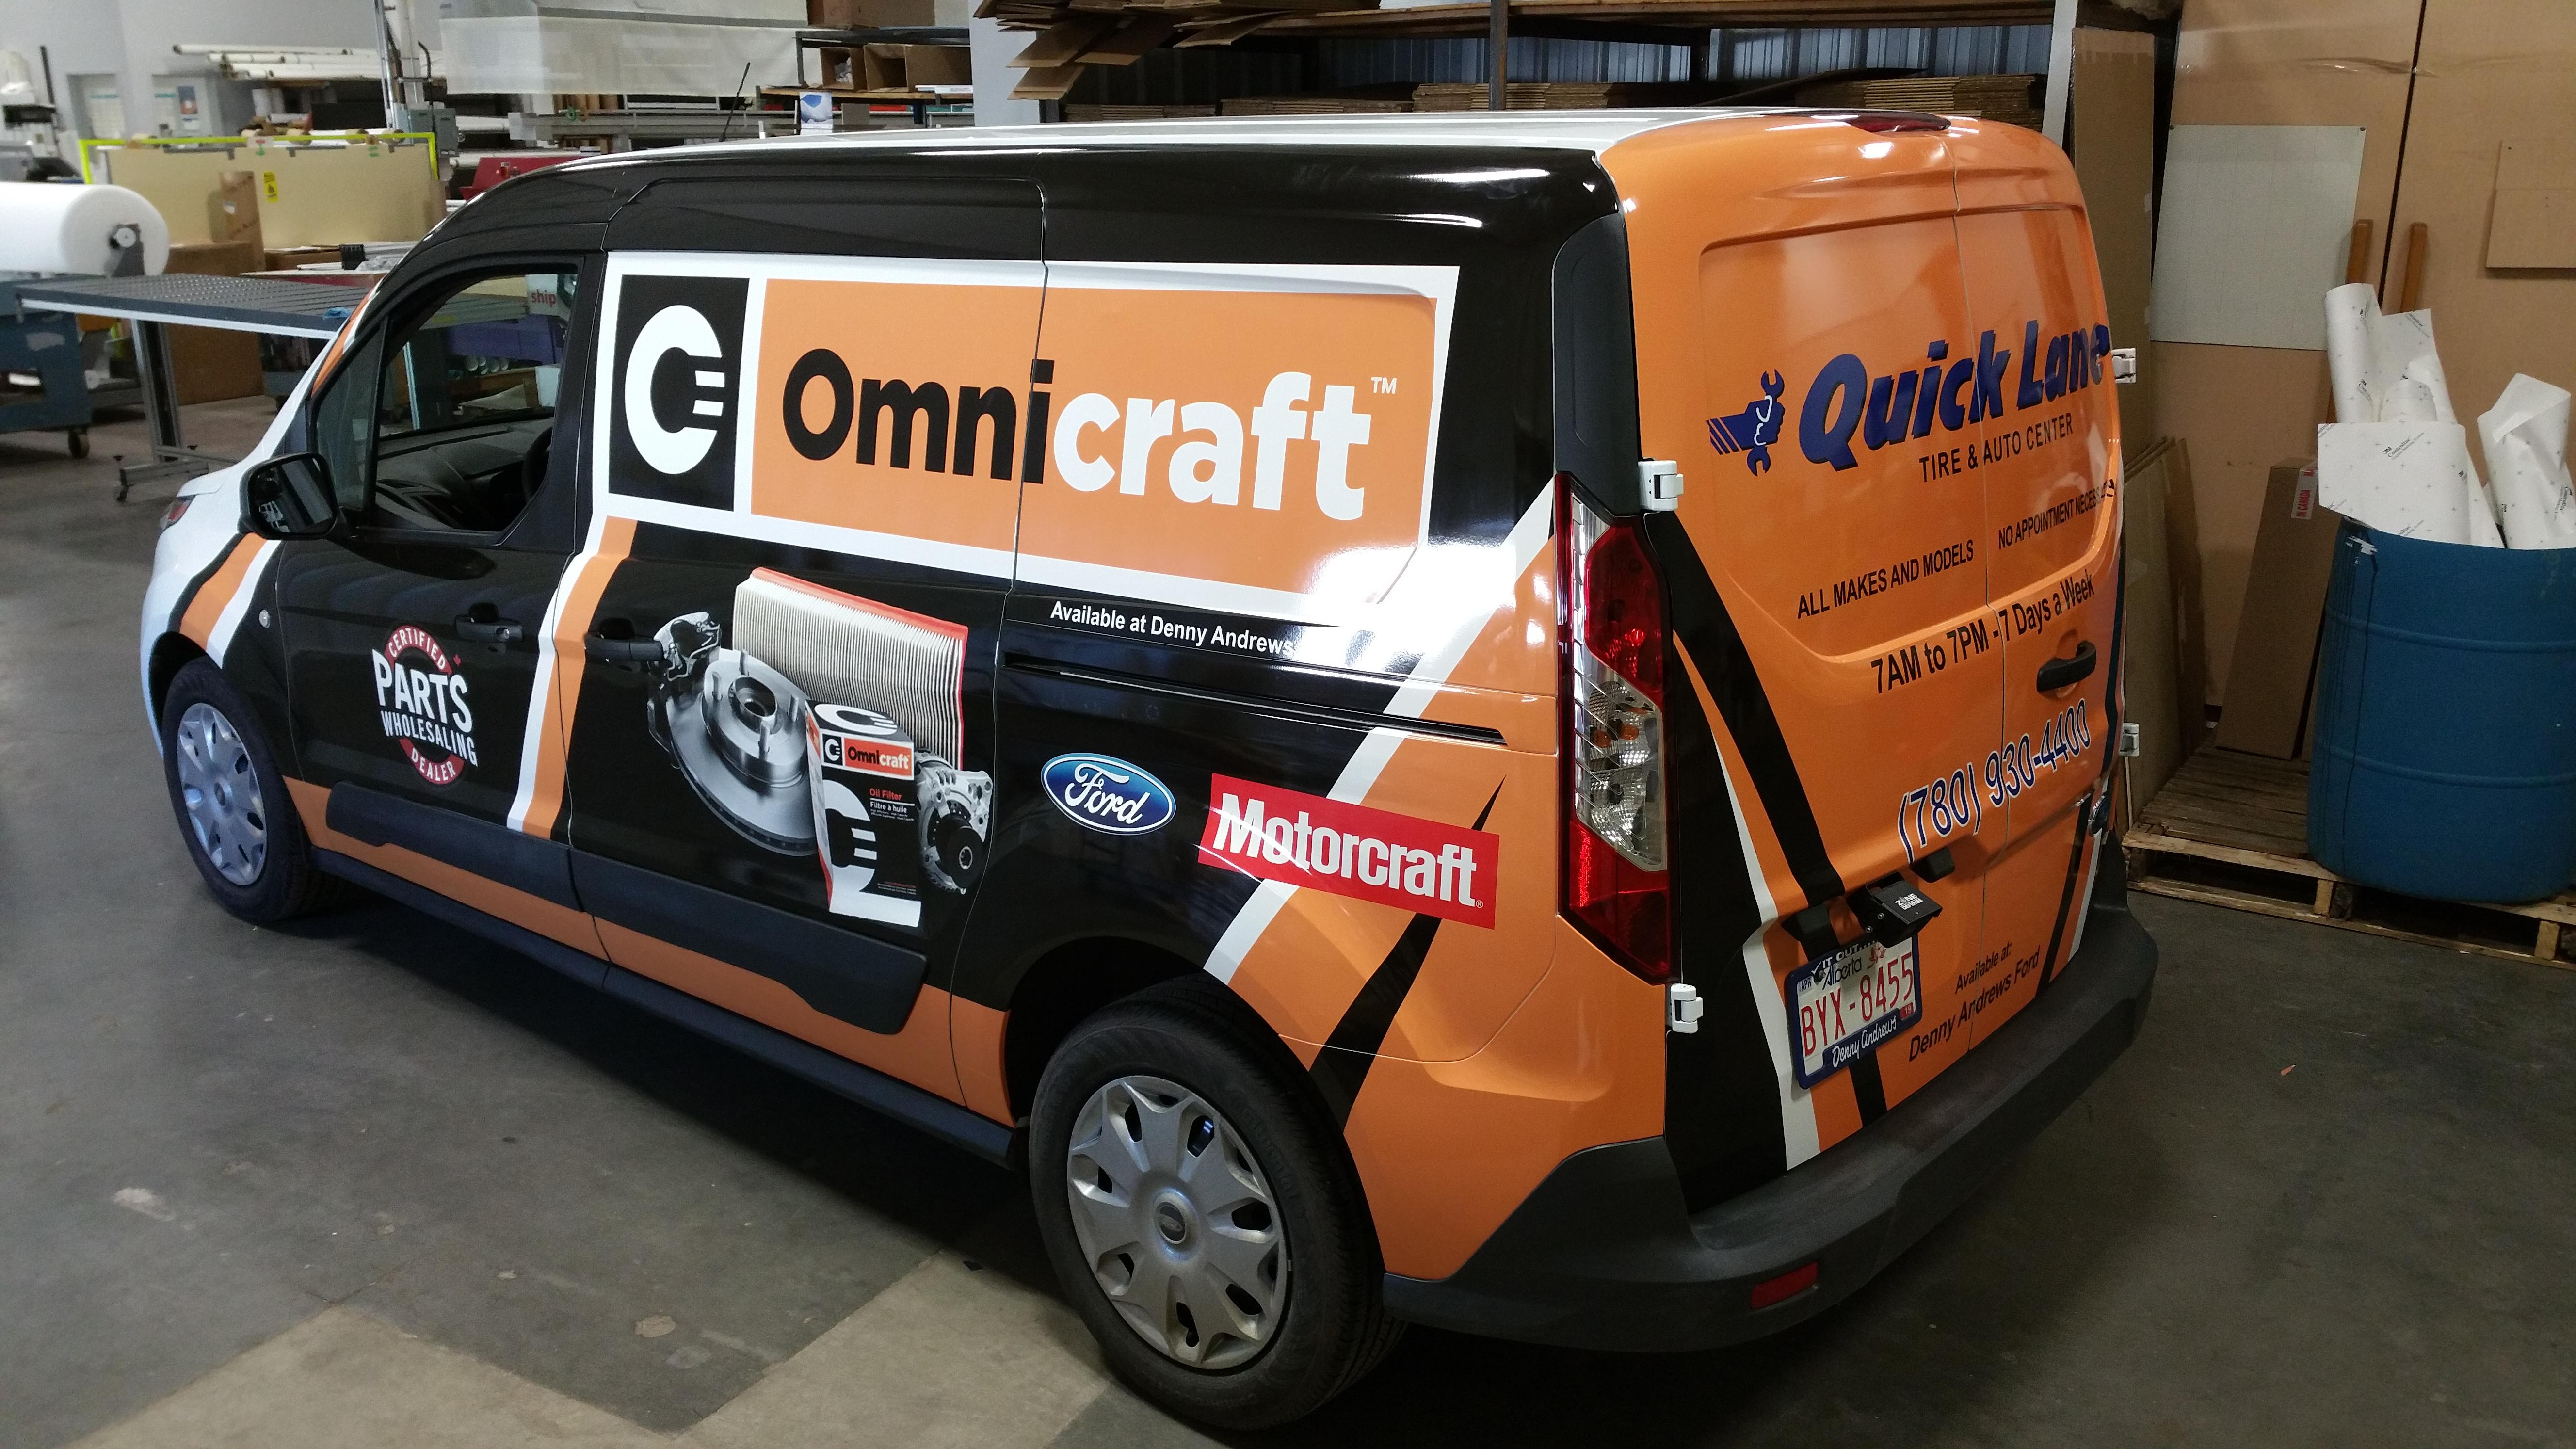 Denny Andrews Omnicraft Transit